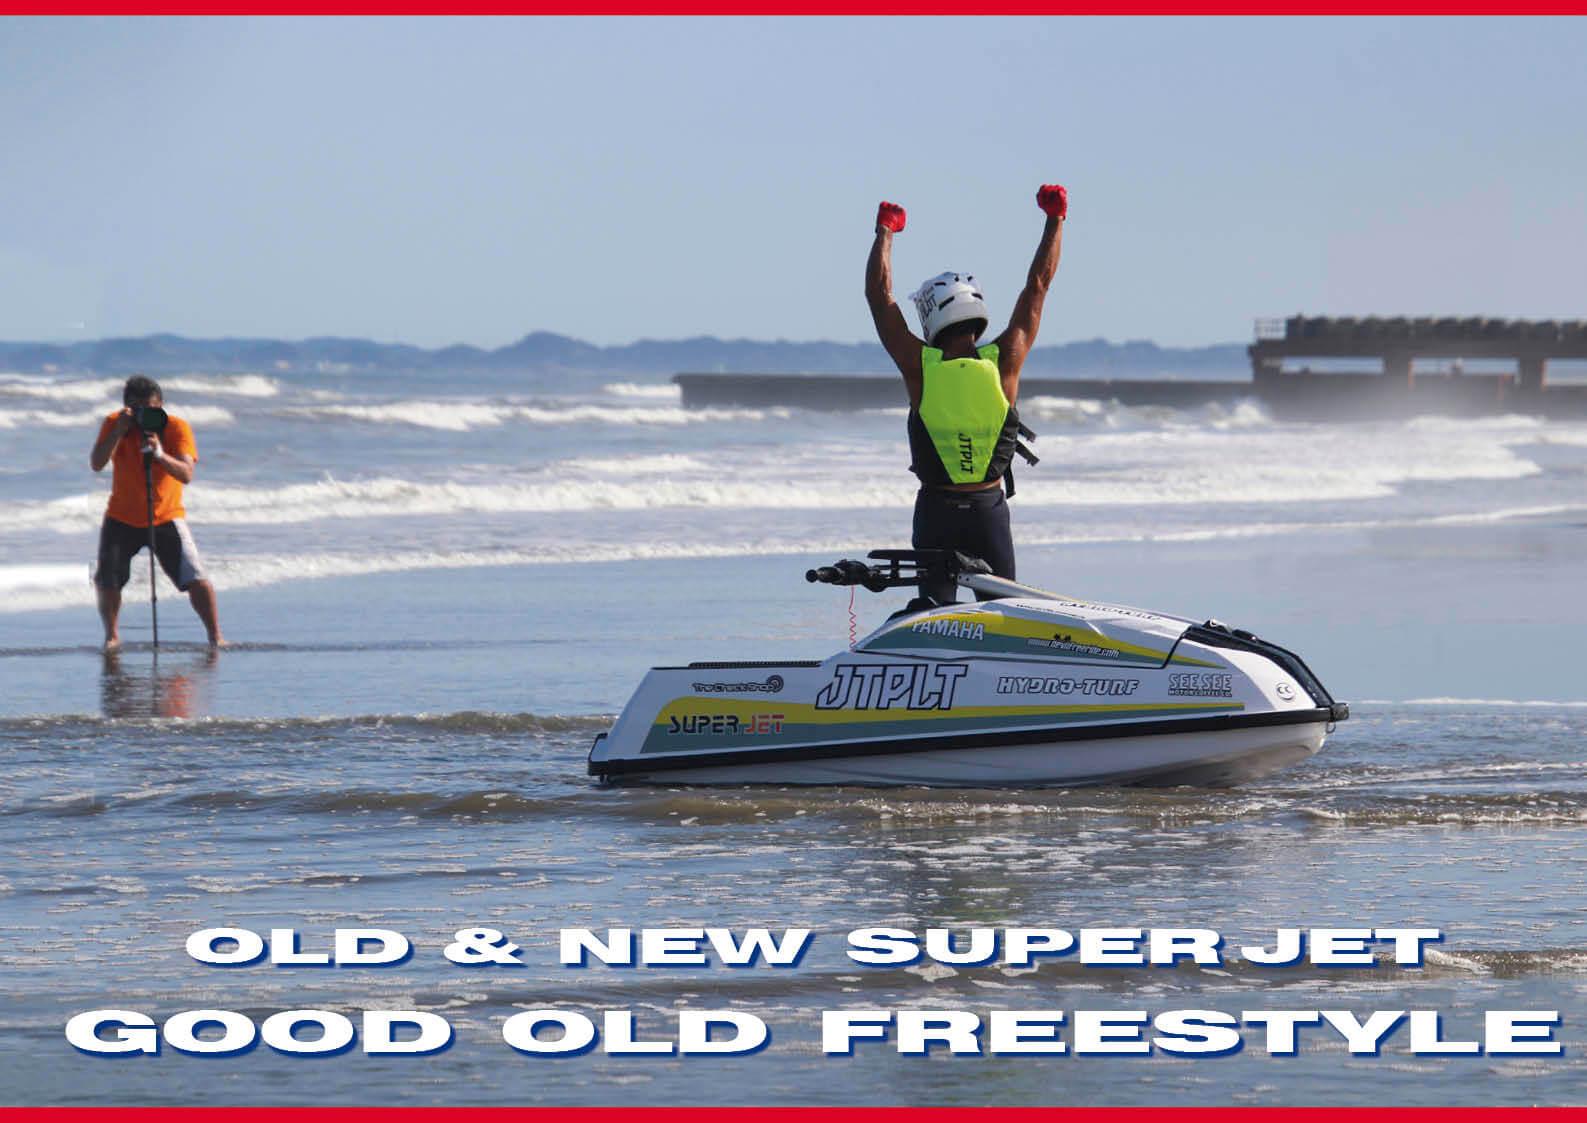 プロのライディングテクニックで乗りこなせ! 攻略 YAMAHA GP1800 ジェットスキー(水上バイク)